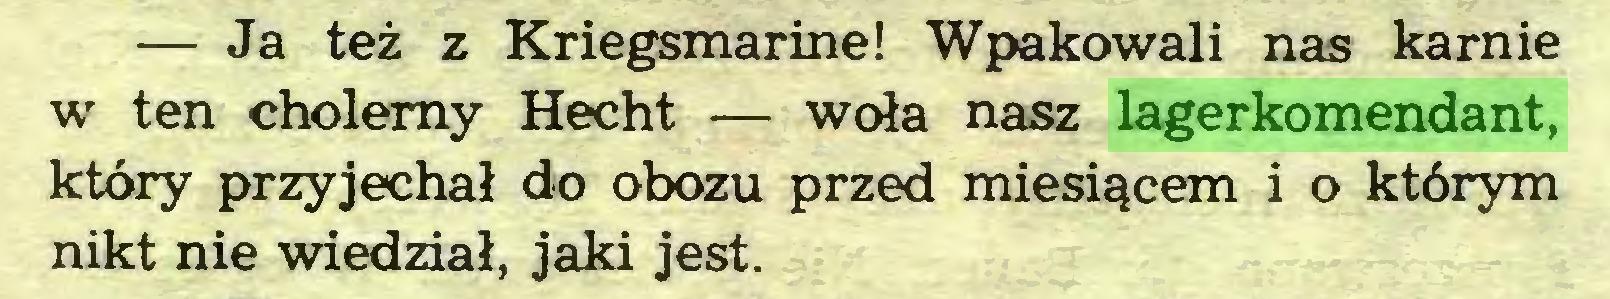 (...) — Ja też z Kriegsmarine! Wpakowali nas karnie w ten cholerny Hecht — woła nasz lagerkomendant, który przyjechał do obozu przed miesiącem i o którym nikt nie wiedział, jaki jest...